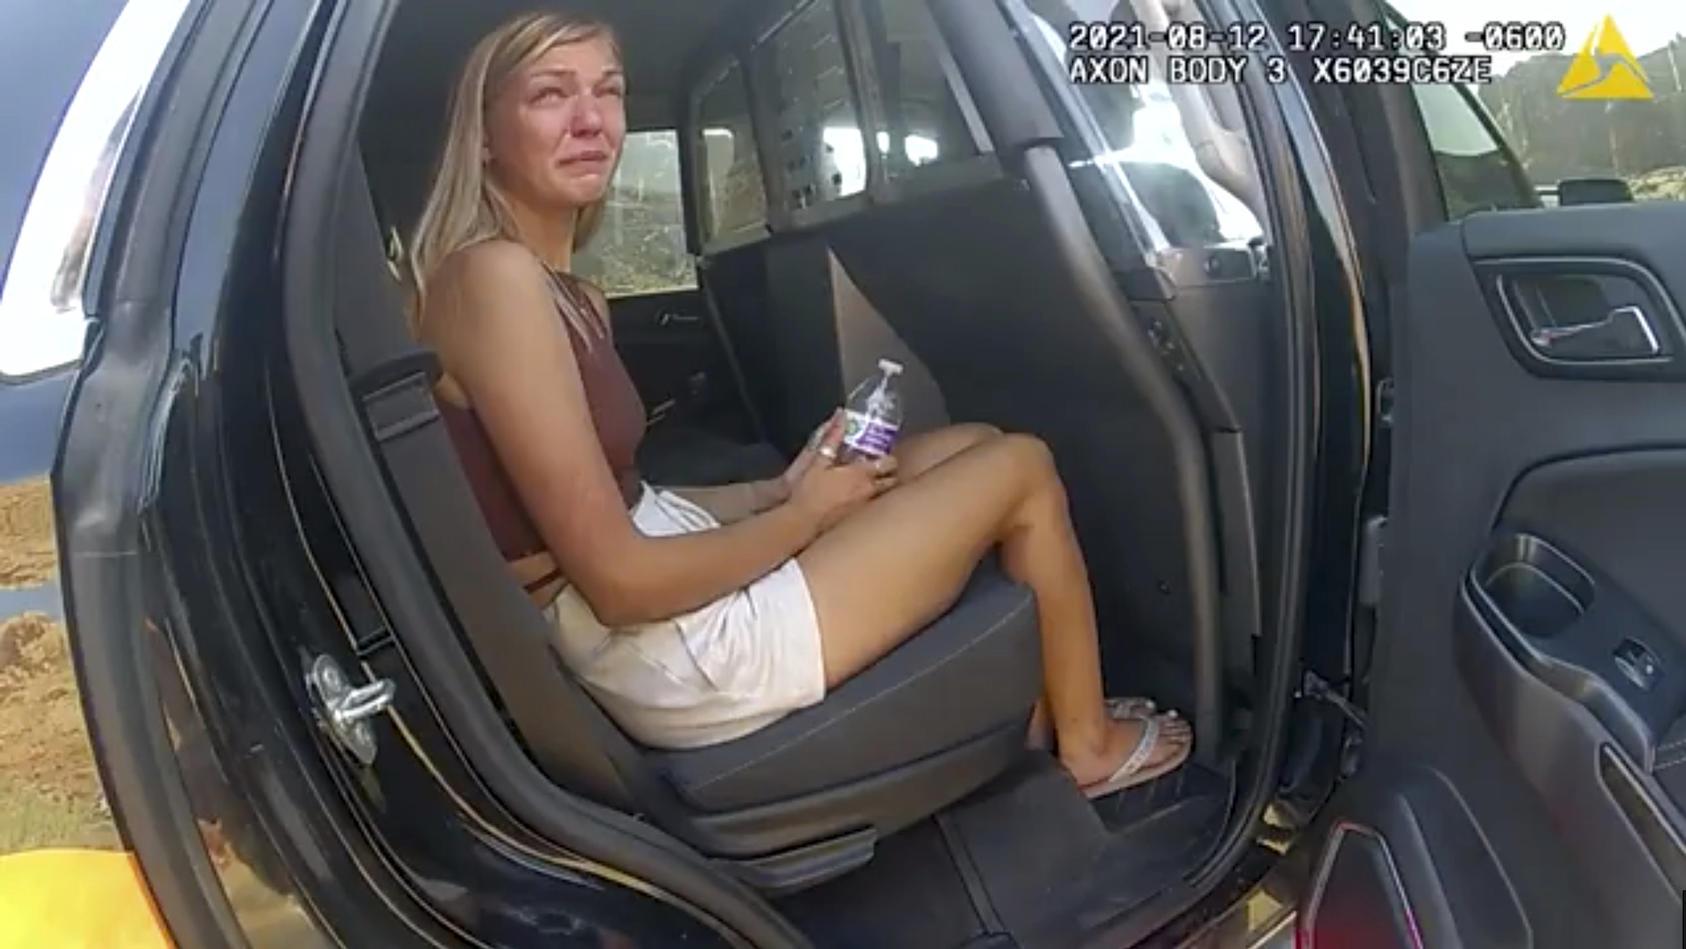 Gabby Petito (hier an einem anderen Tag von der Bodycam eines Polizisten gefilmt) war bei einem Restaurantbesuch in Tränen aufgelöst